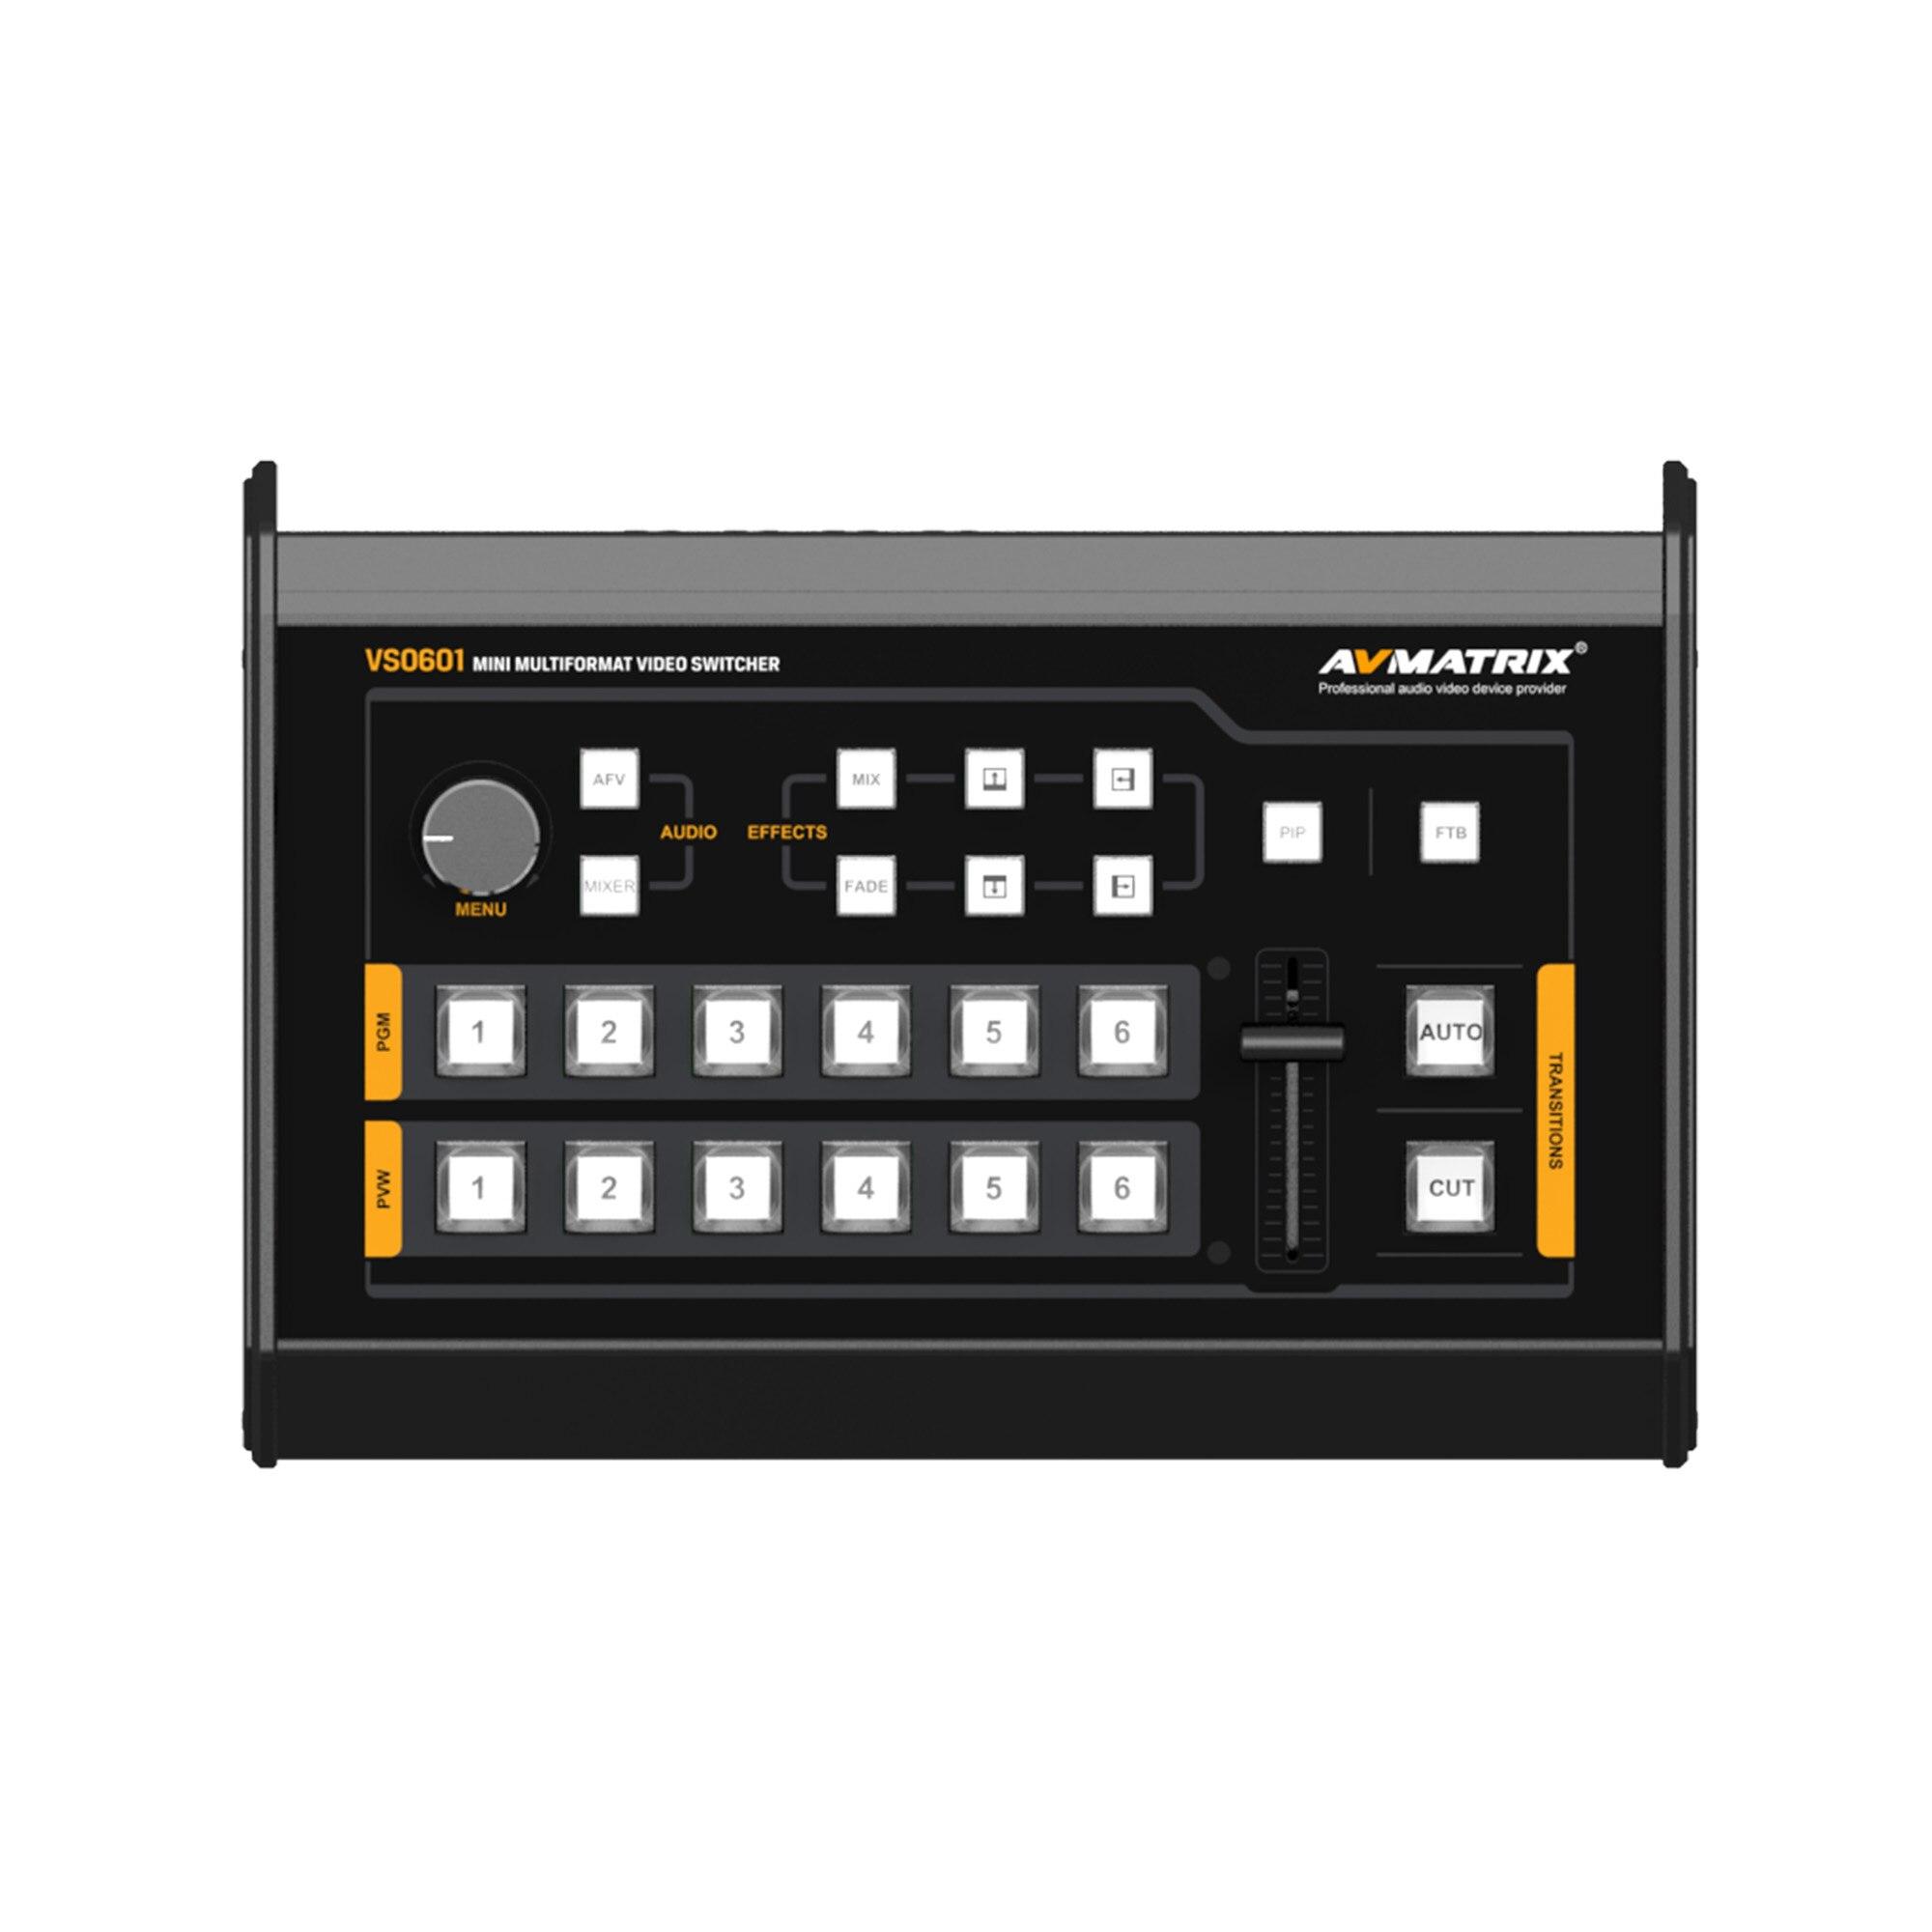 Avmatrix-VS0601-Mini-6-Channel-SDI-HDMI-Multi-format-Video-Switcher-with-T-Bar-AUTO-CUT